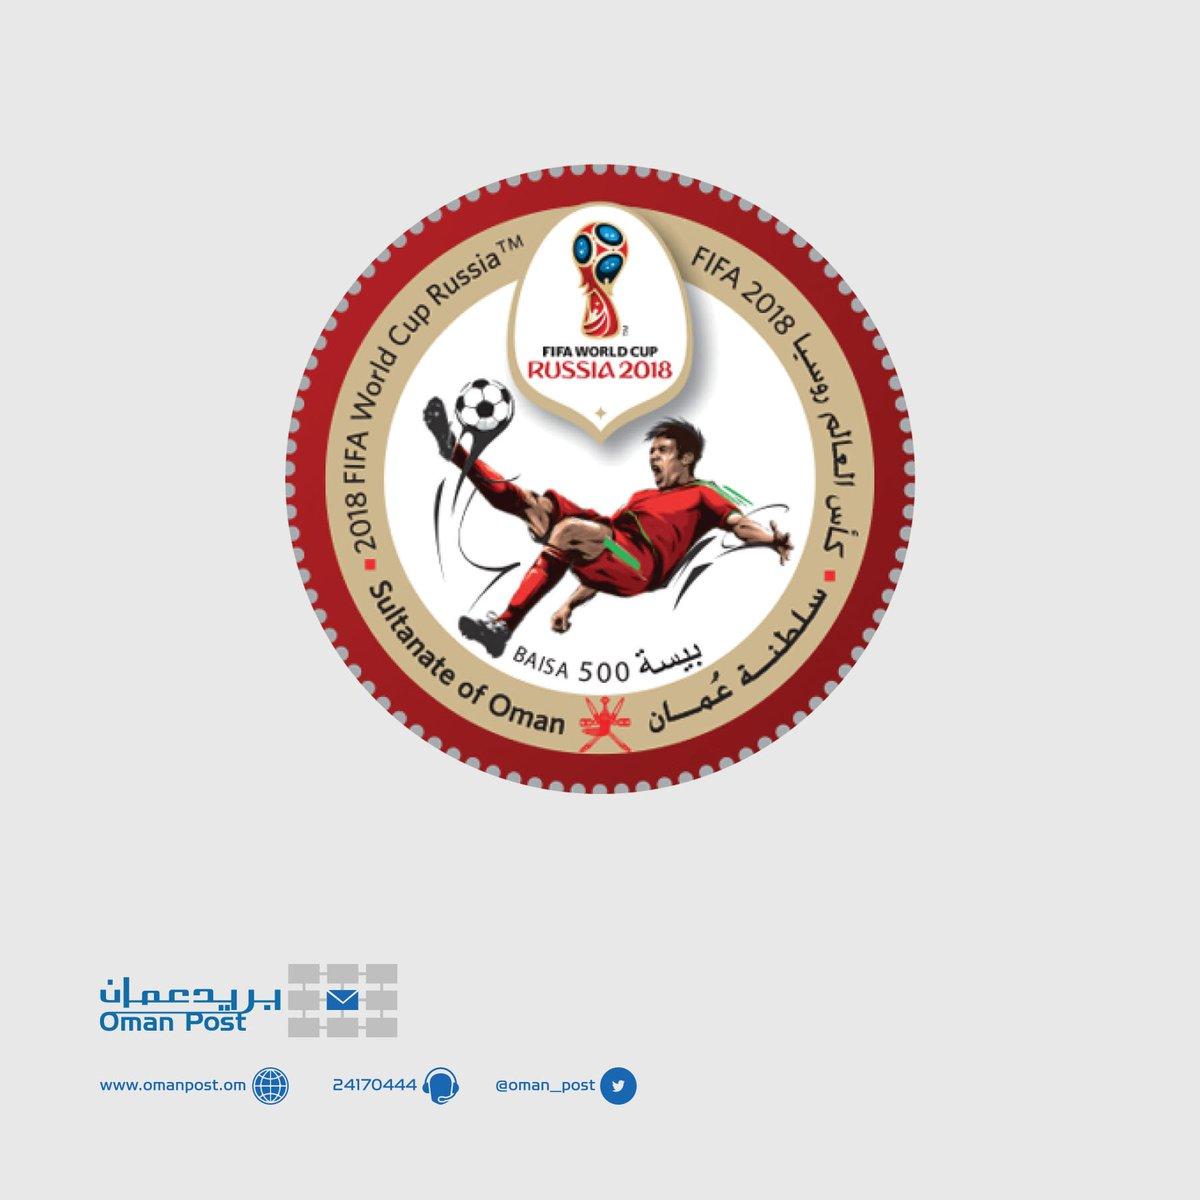 بريد عمان on Twitter: